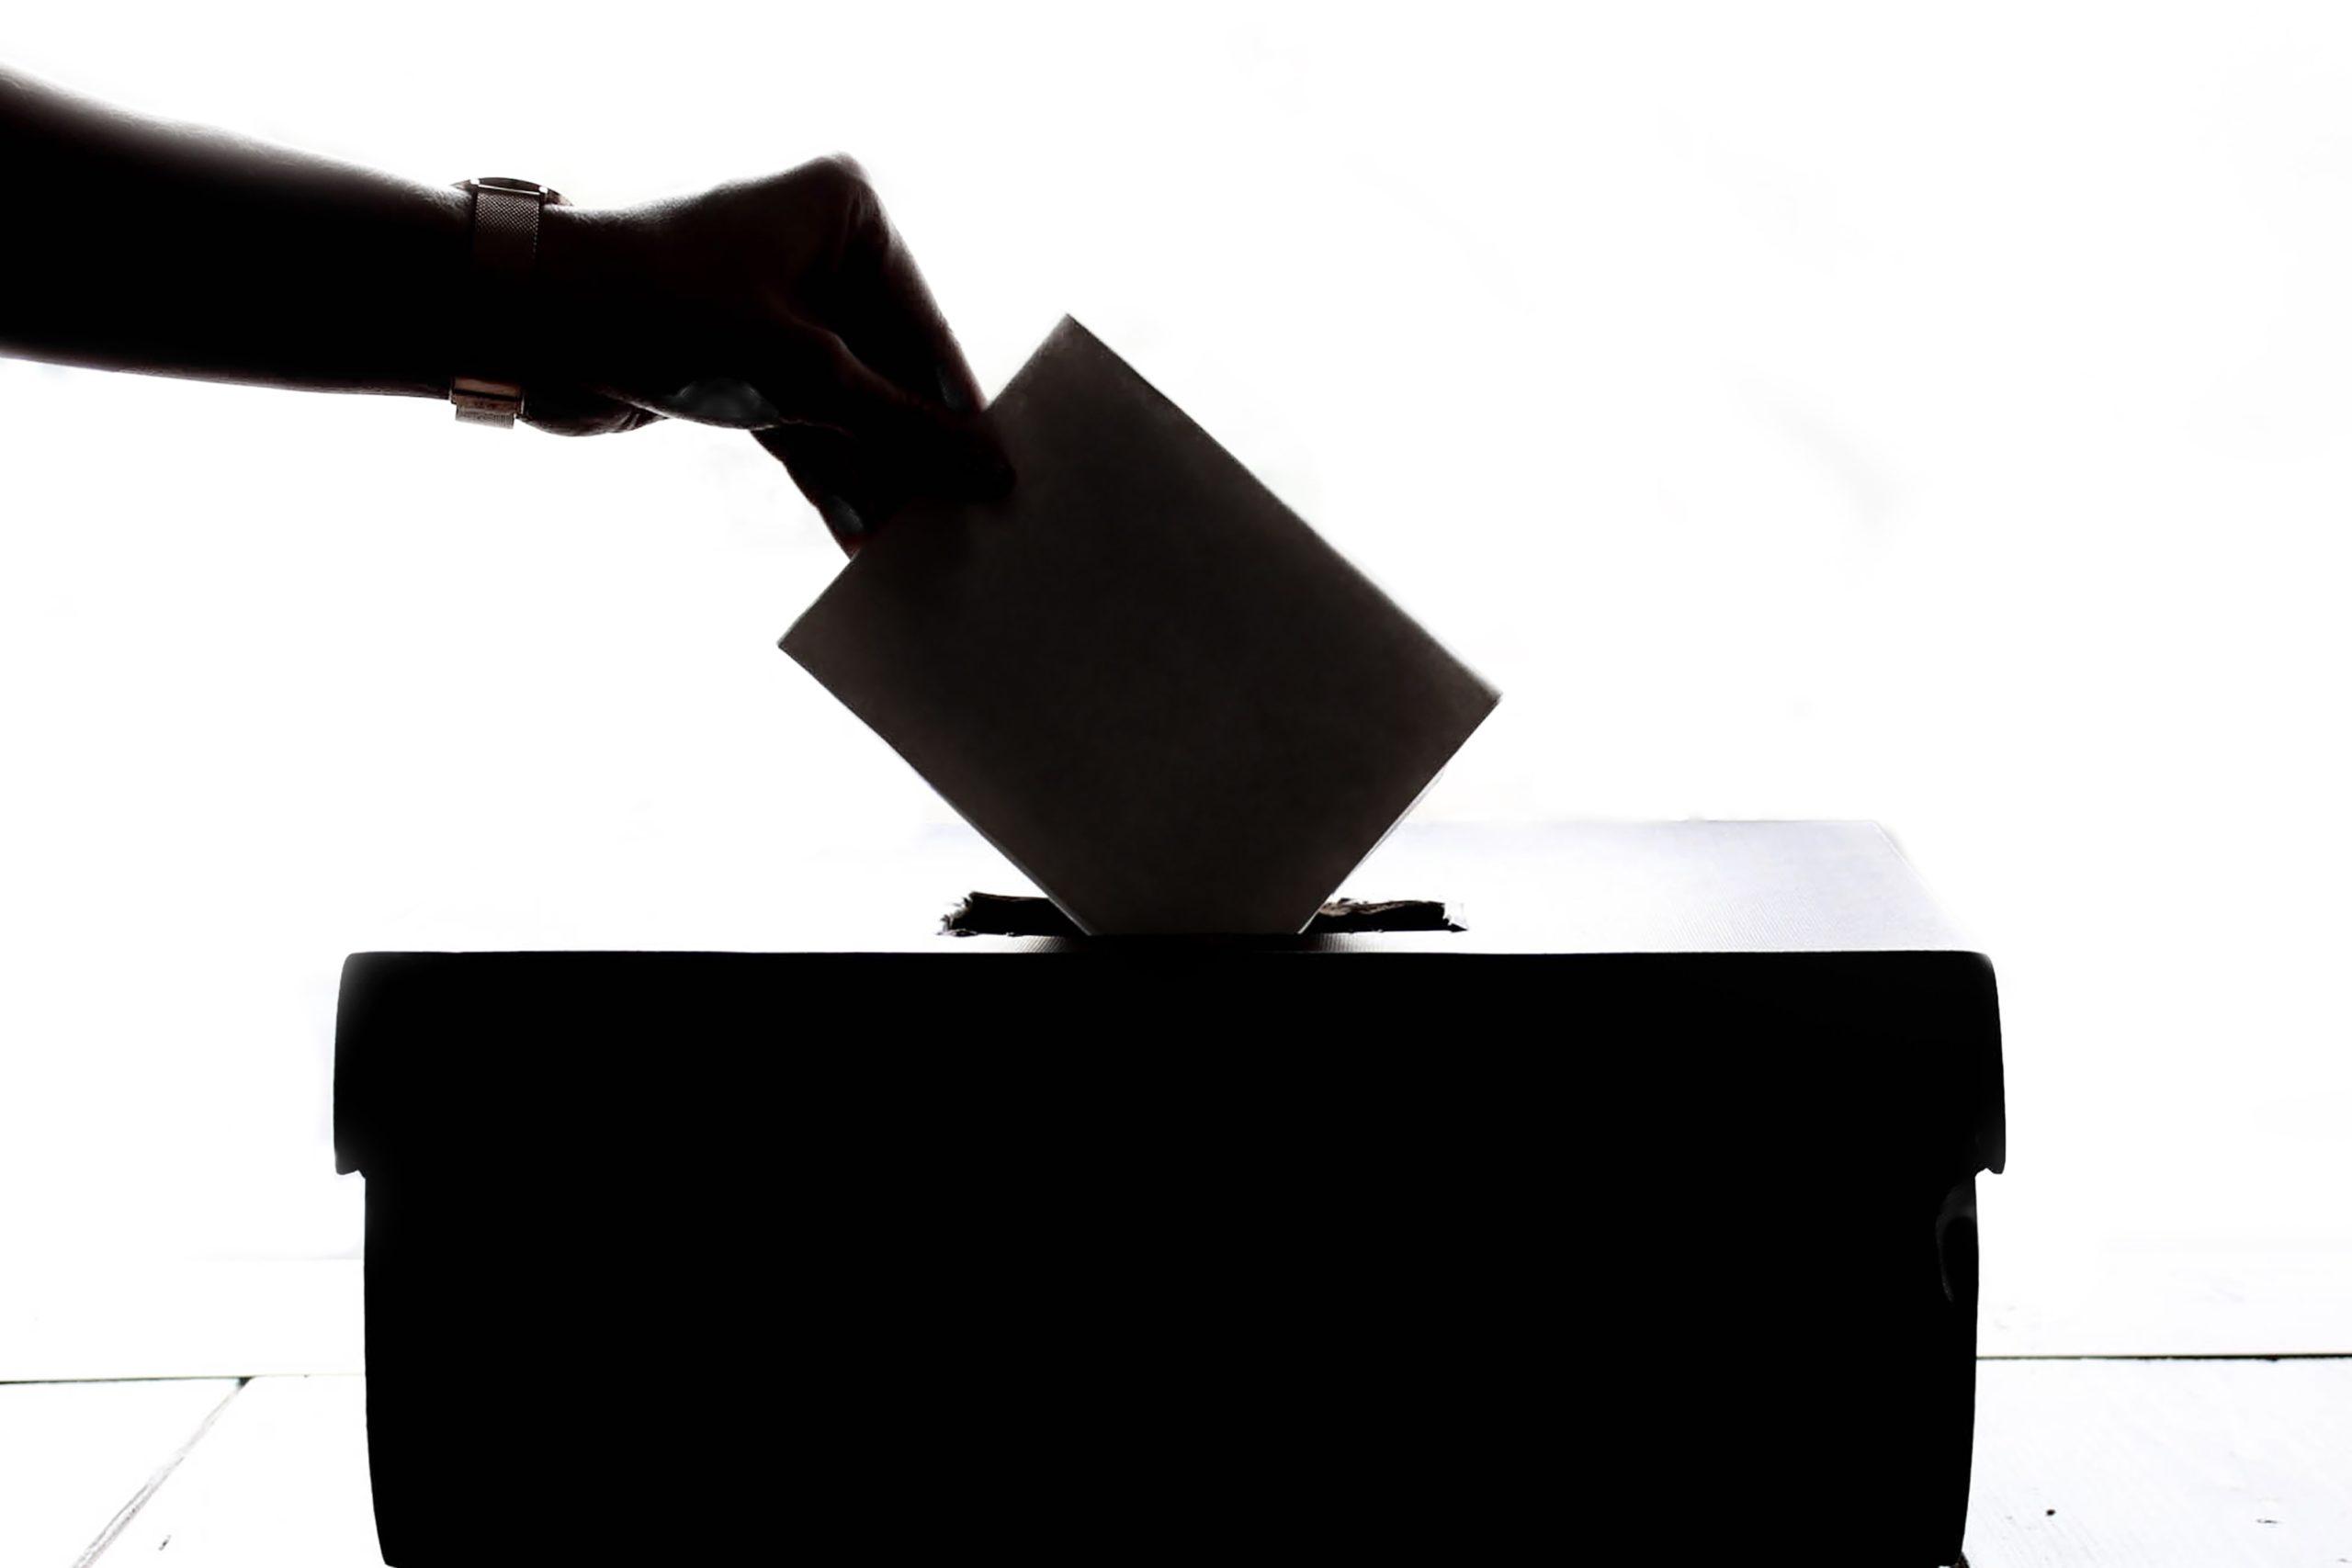 Cast a vote